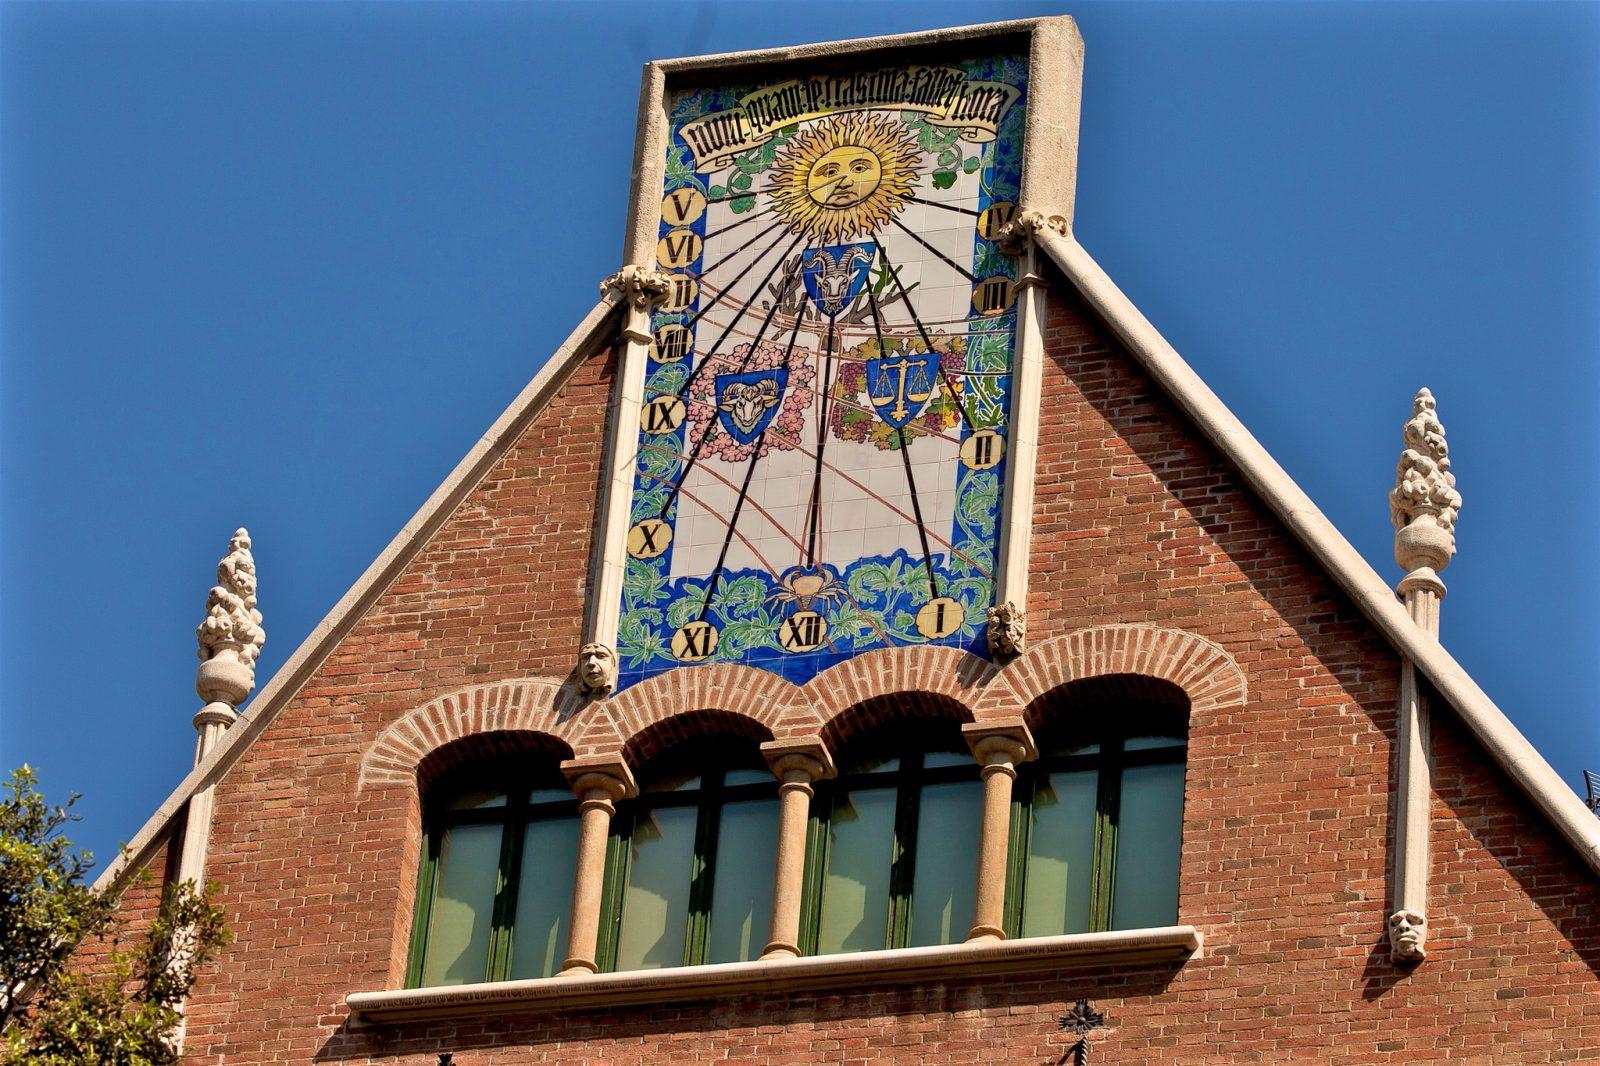 Фасад украшенный керамическим панно (фото: Raymond DEJONG)